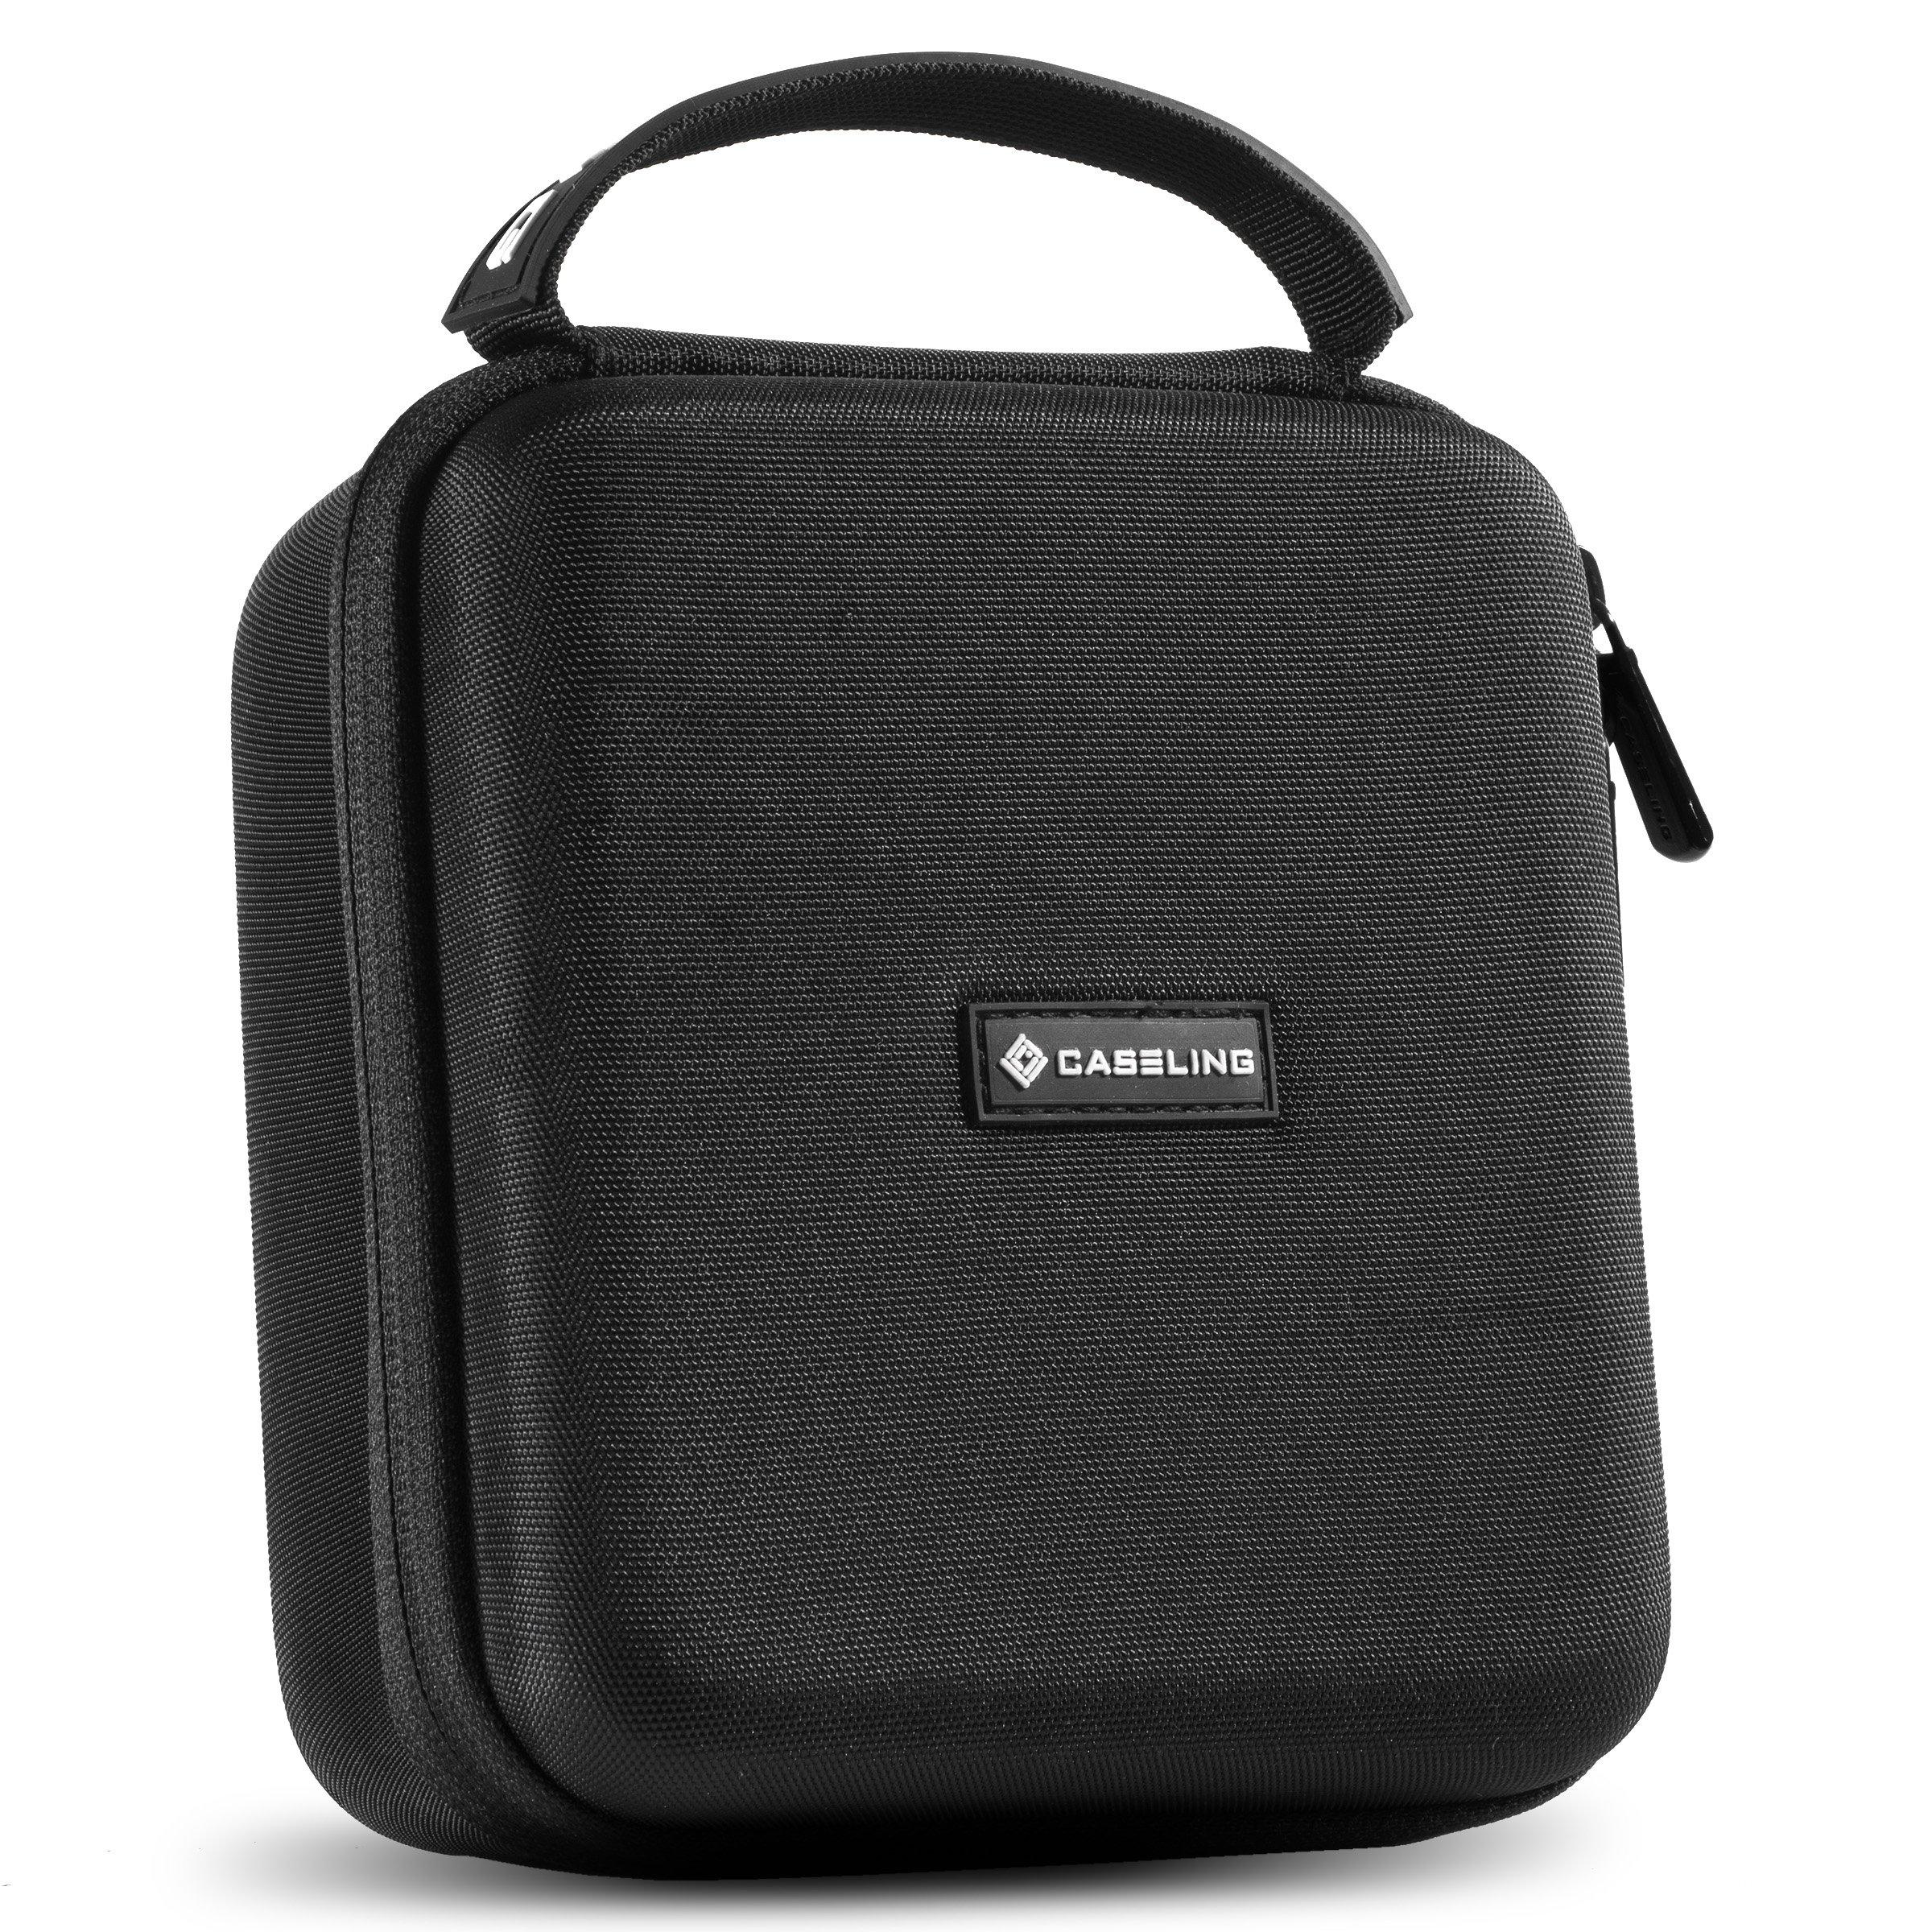 Hard CASE fits Nikon 7576 MONARCH 5 8x42 Binocular. By Caseling by caseling